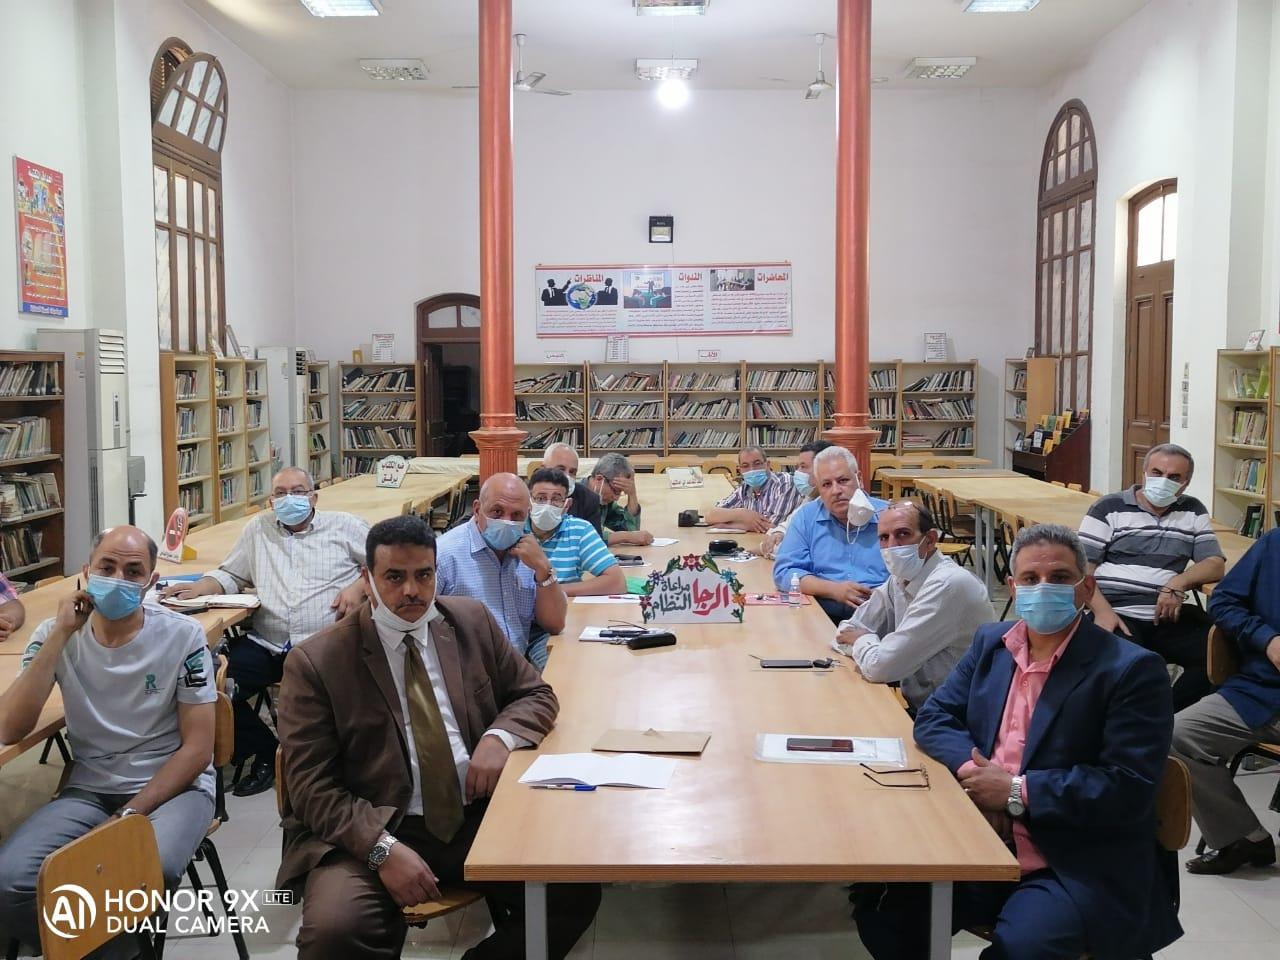 توجيهات مهمة لرؤساء لجان النظام والمراقبة بامتحانات الشهادة الإعدادية